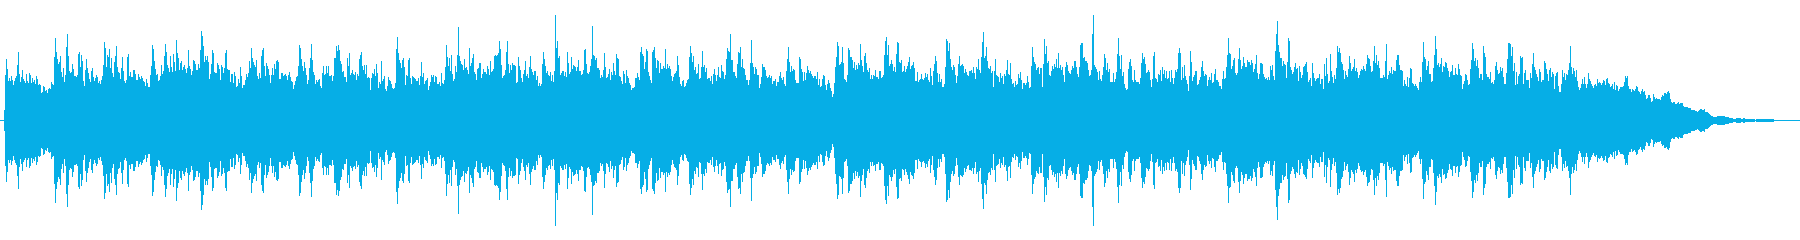 キラキラしたメルヘンチックなジングル7の再生済みの波形